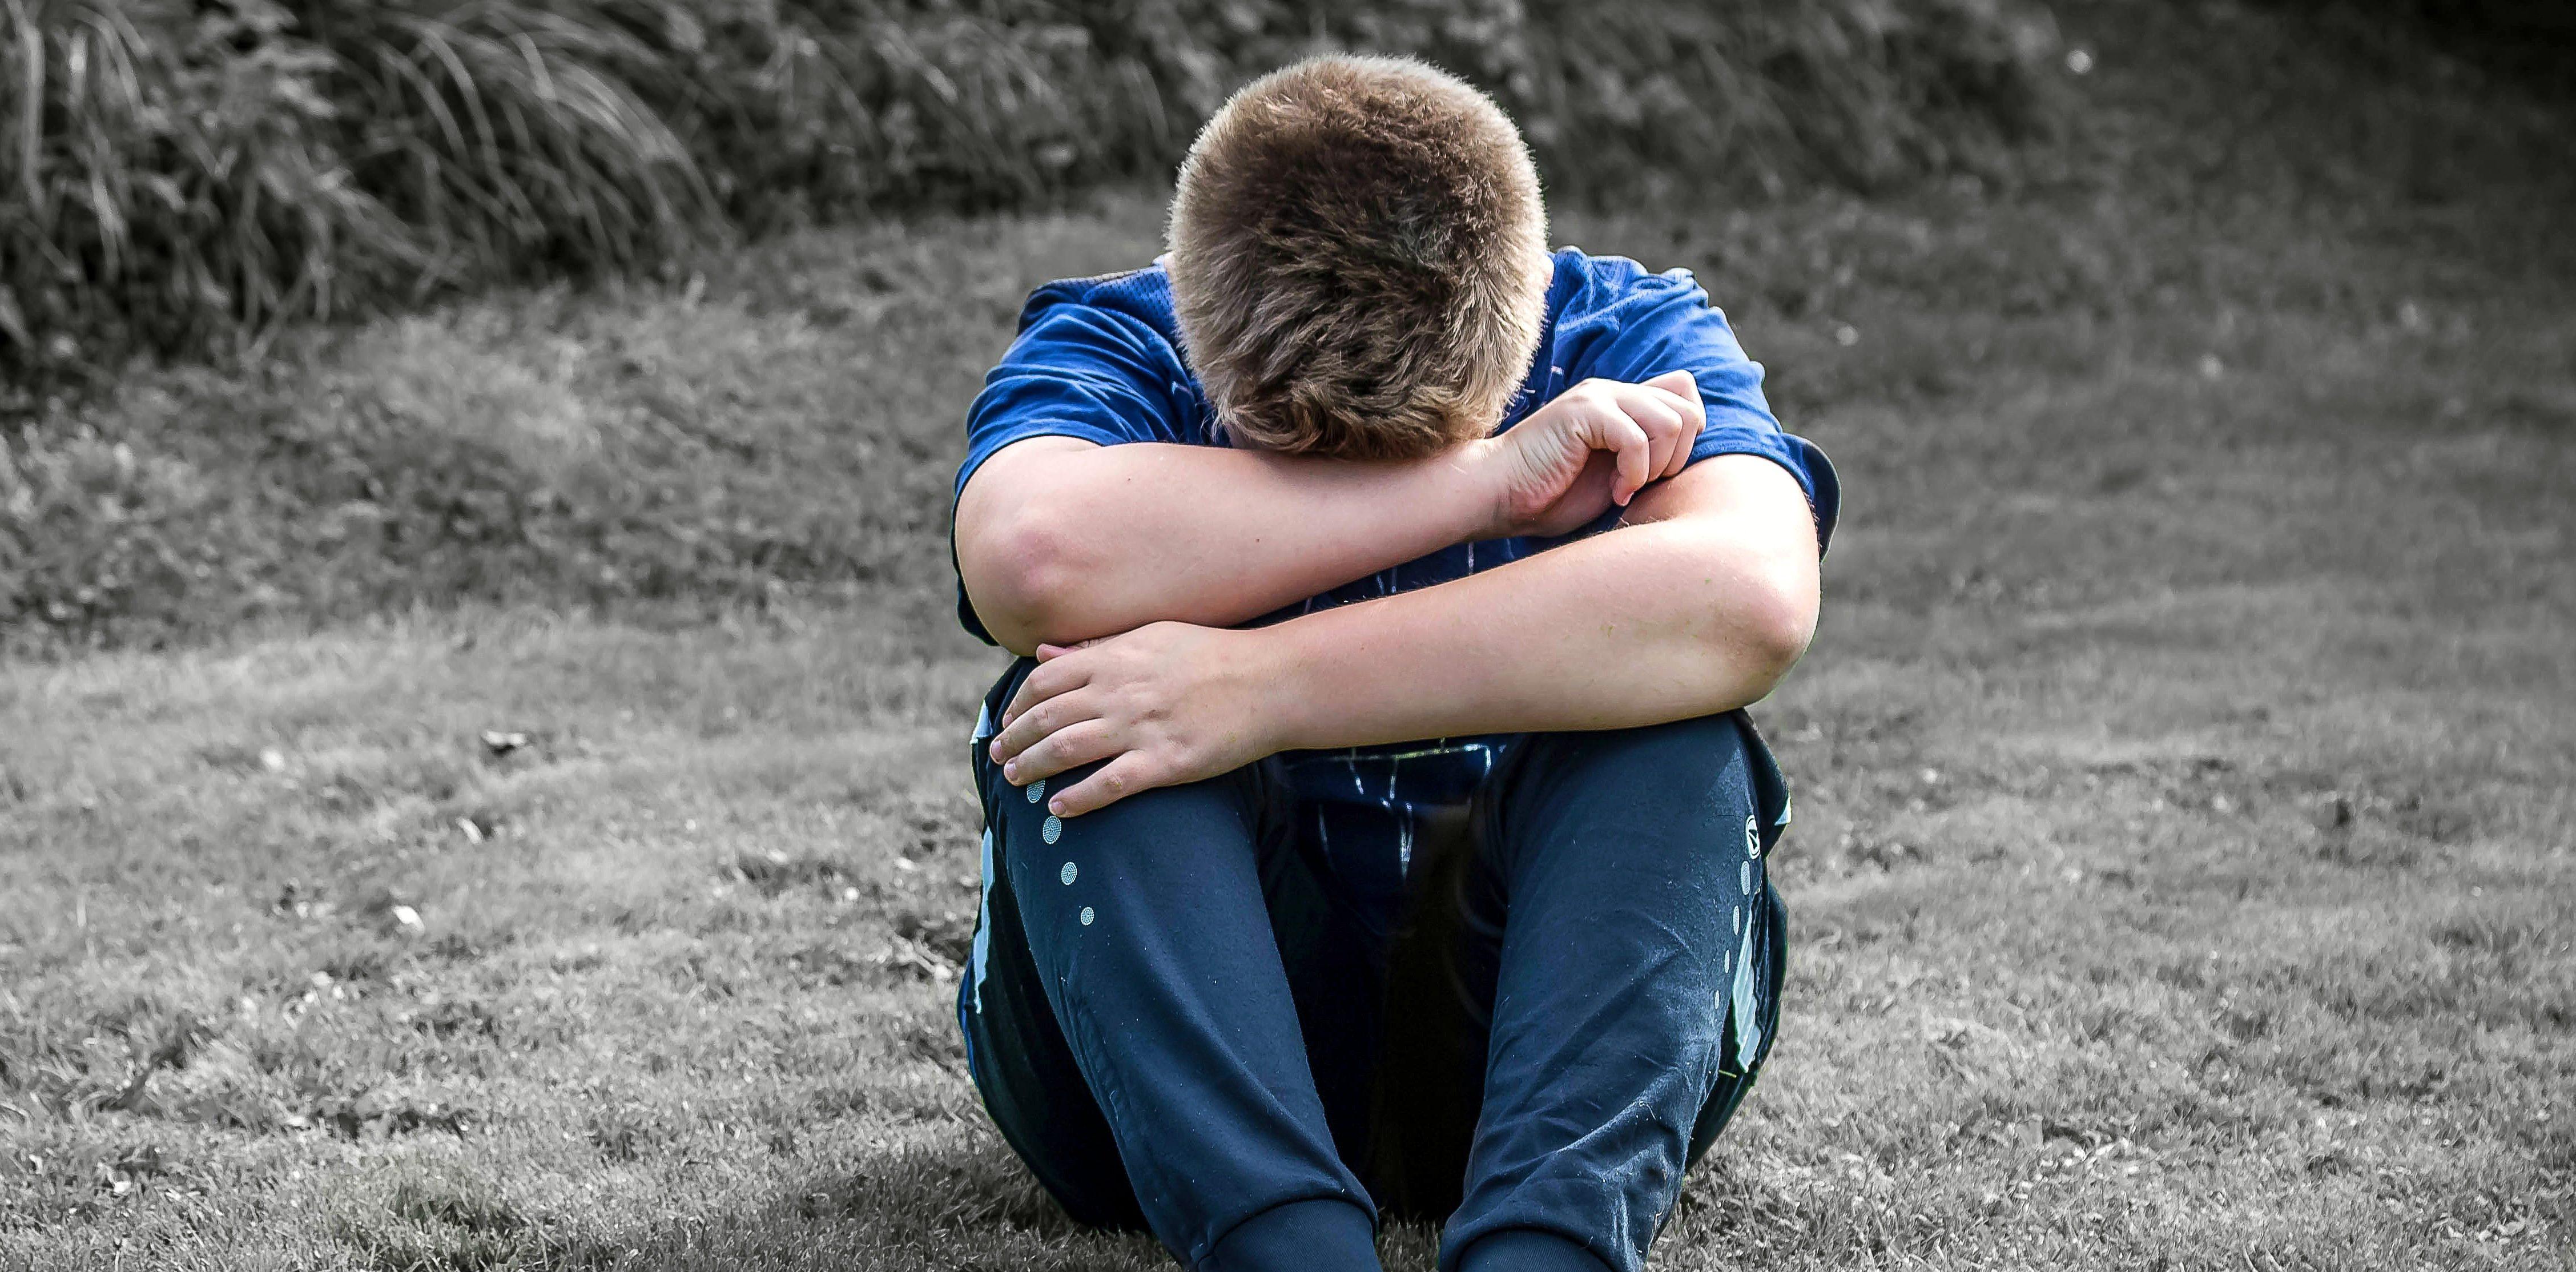 Jak Rozwijać Się W Sporcie I Nie Mieć Depresji Blog Startowy